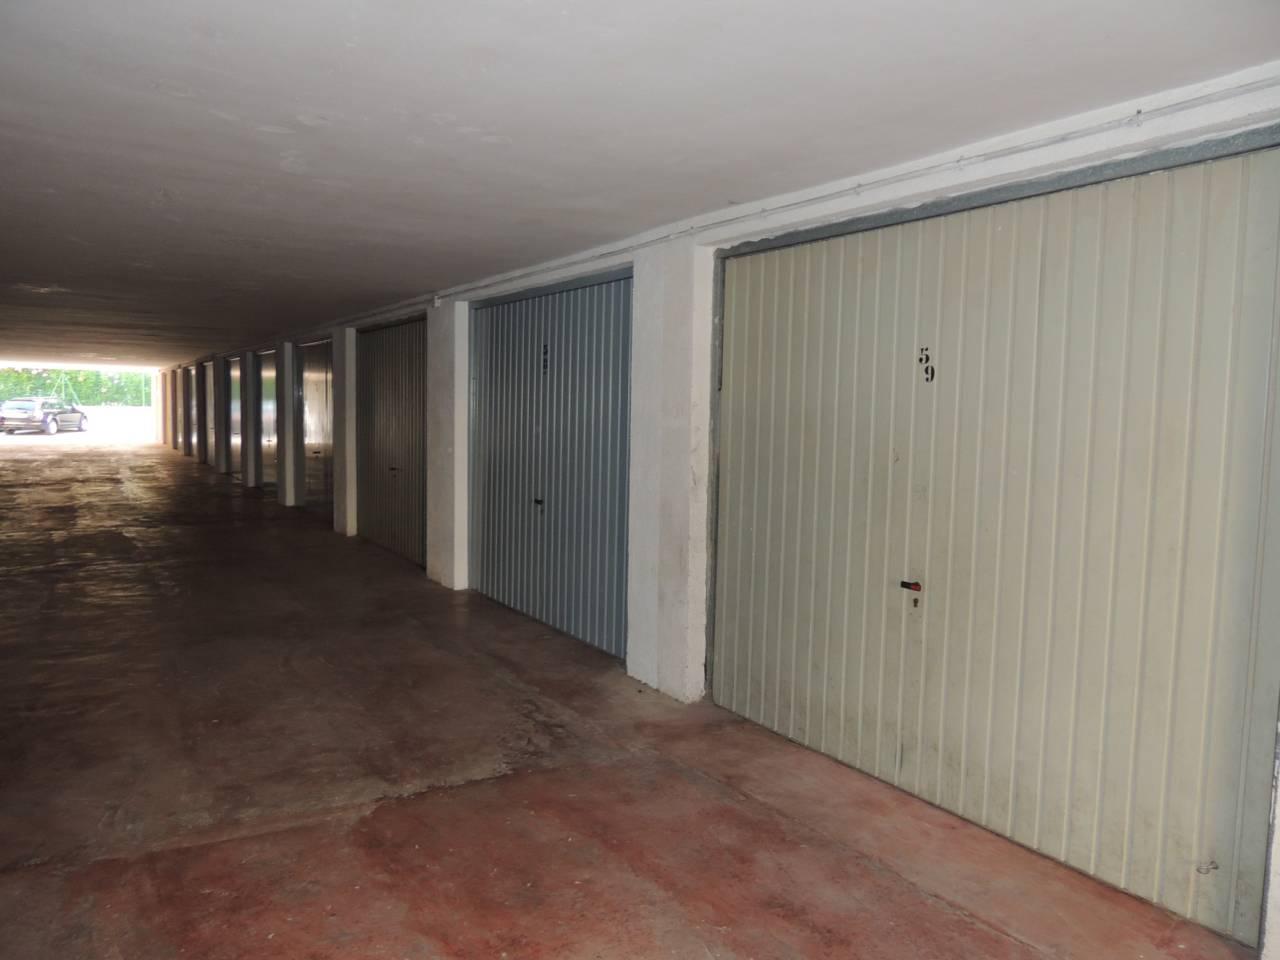 Aparcament cotxe  Peñiscola azahar. Se vende garaje cerrado en playa norte.  tiene una superficie de